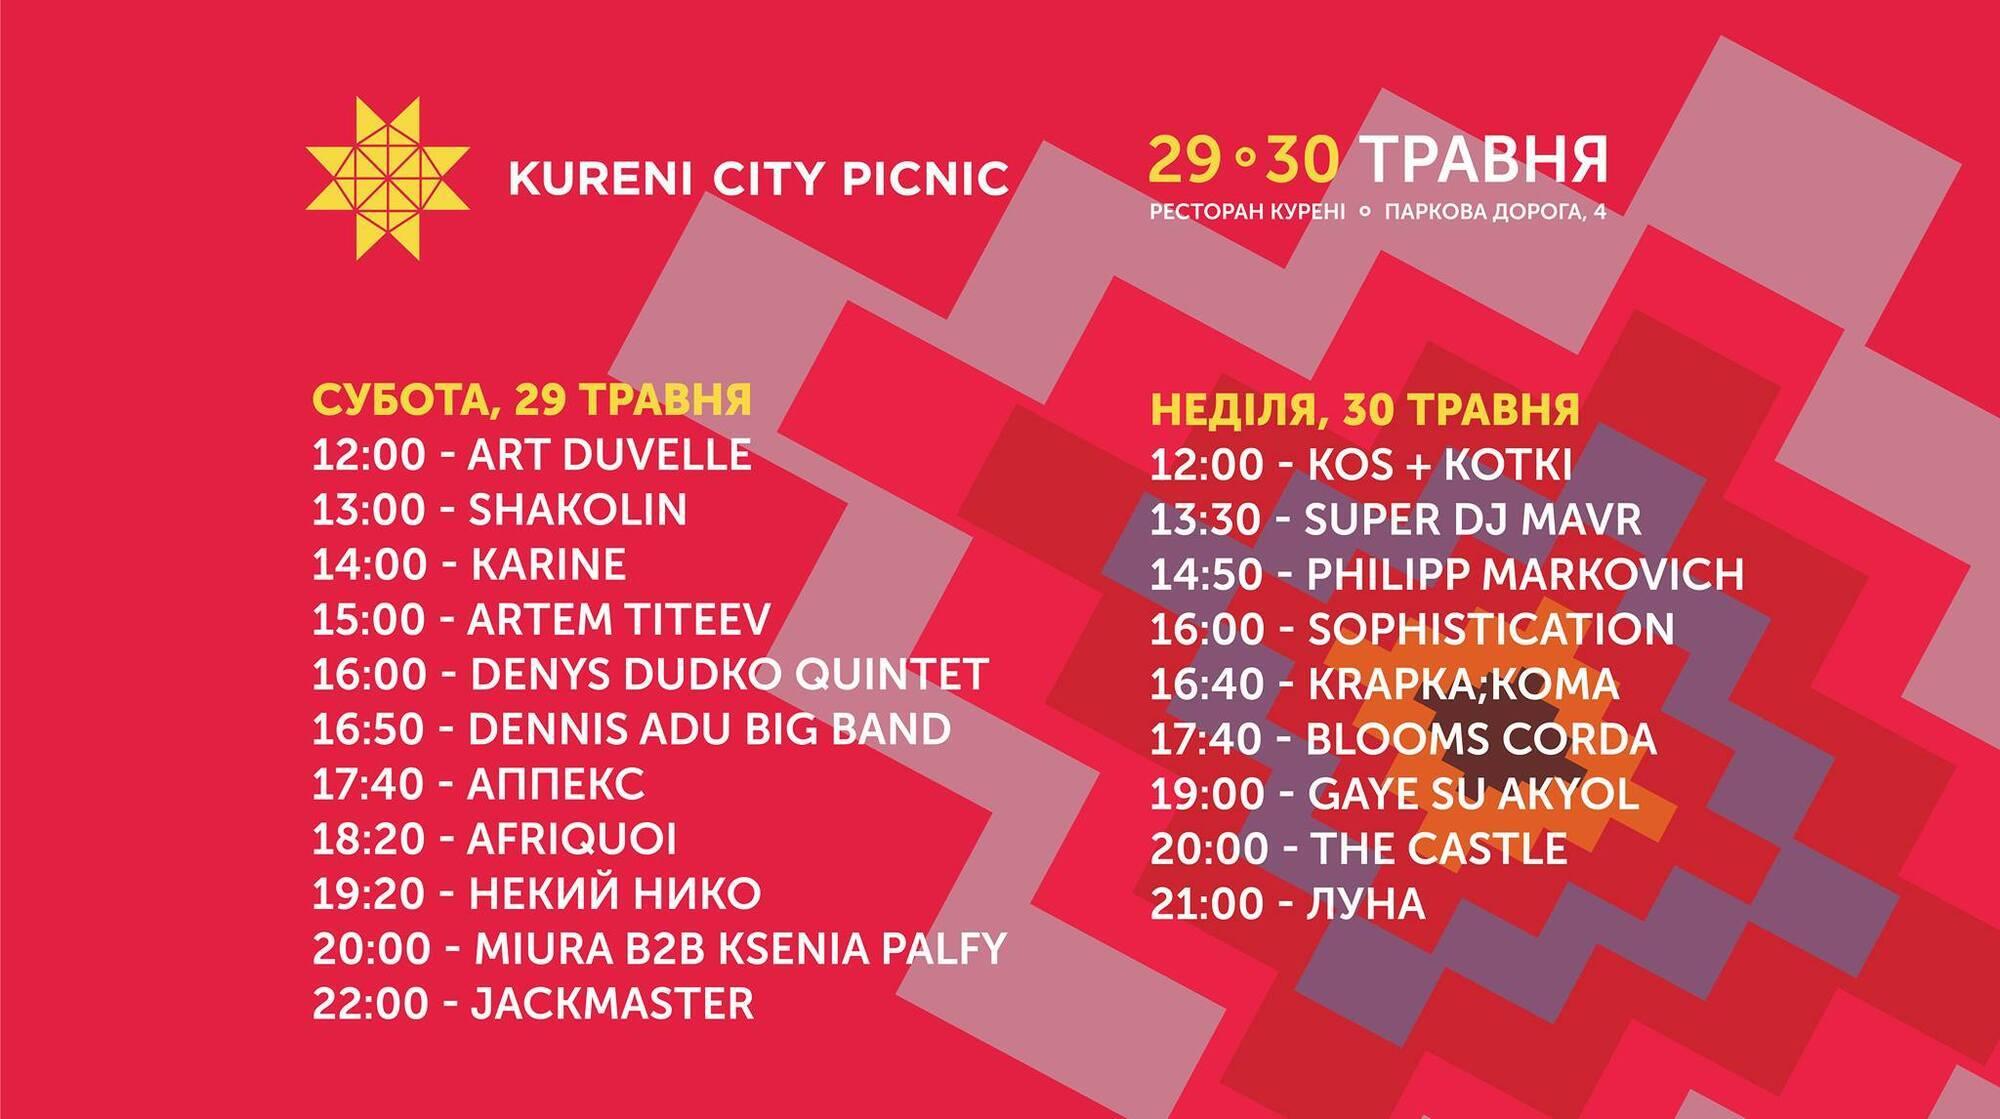 Список виконавців на фестивалі.